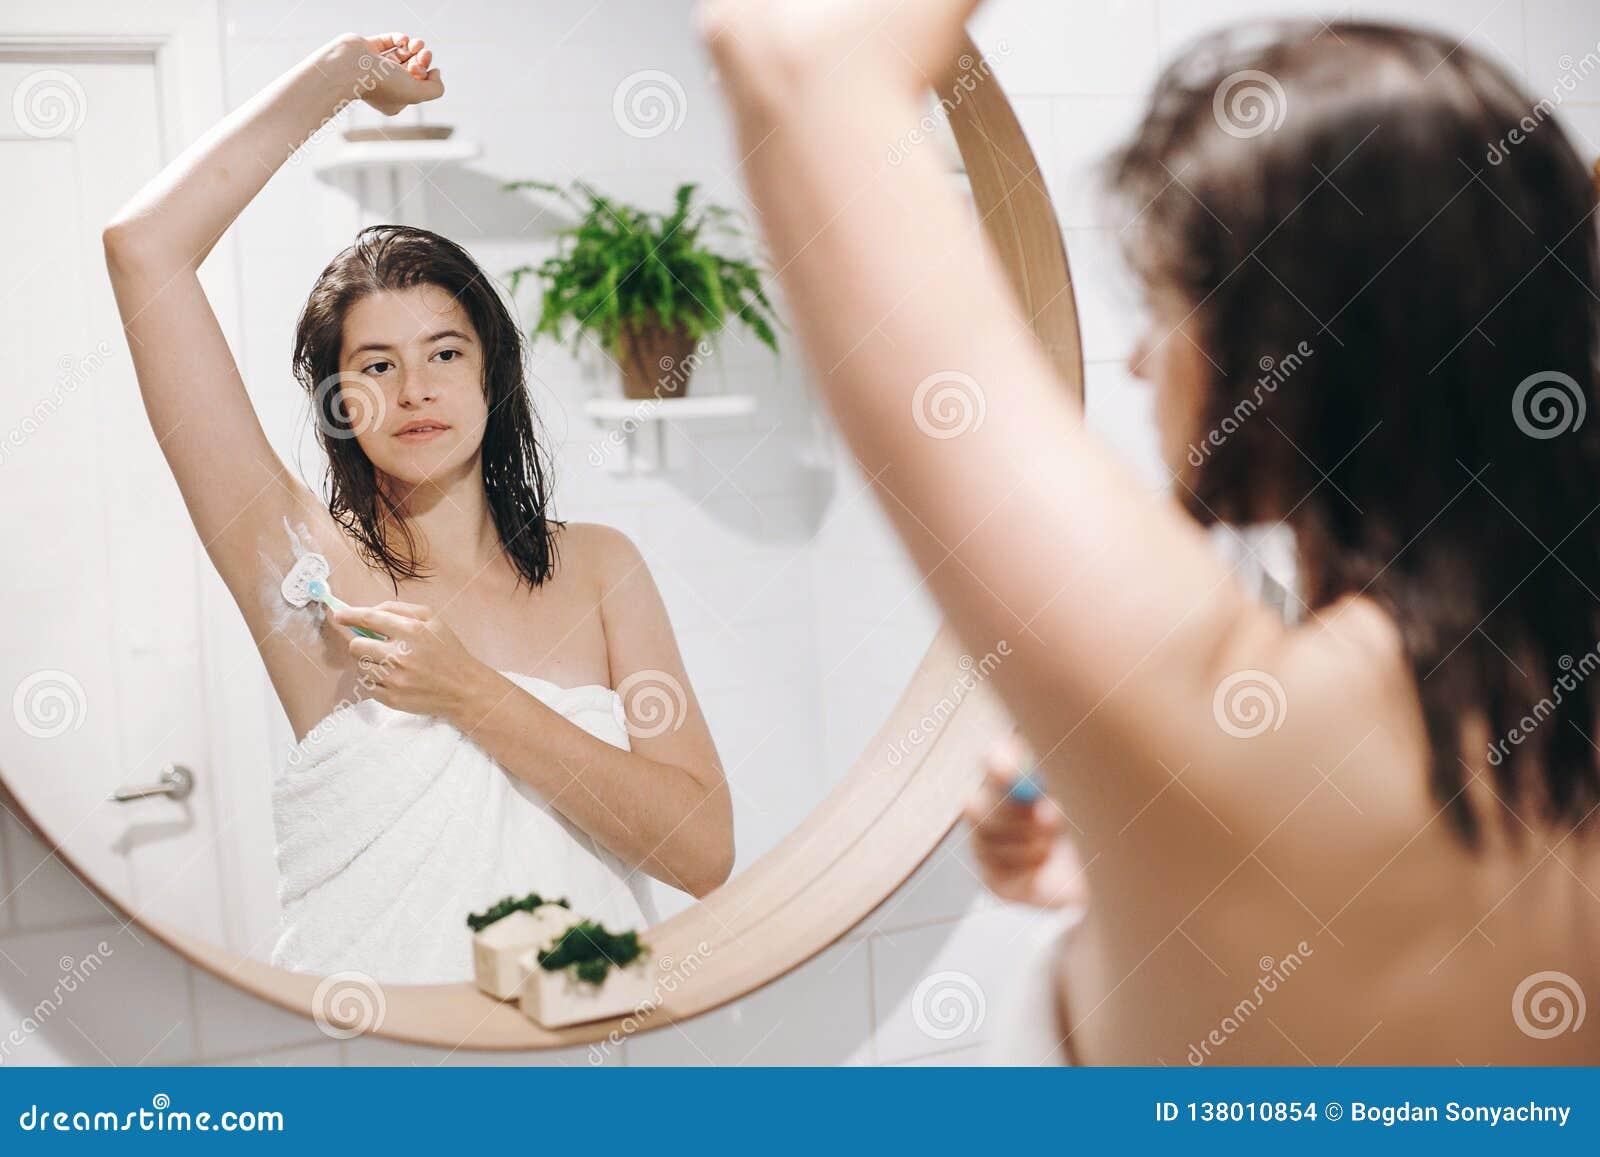 Cuidado da pele e do corpo Conceito da remoção do cabelo Mulher após o chuveiro que barbeia com lâmina Mulher atrativa nova na ra